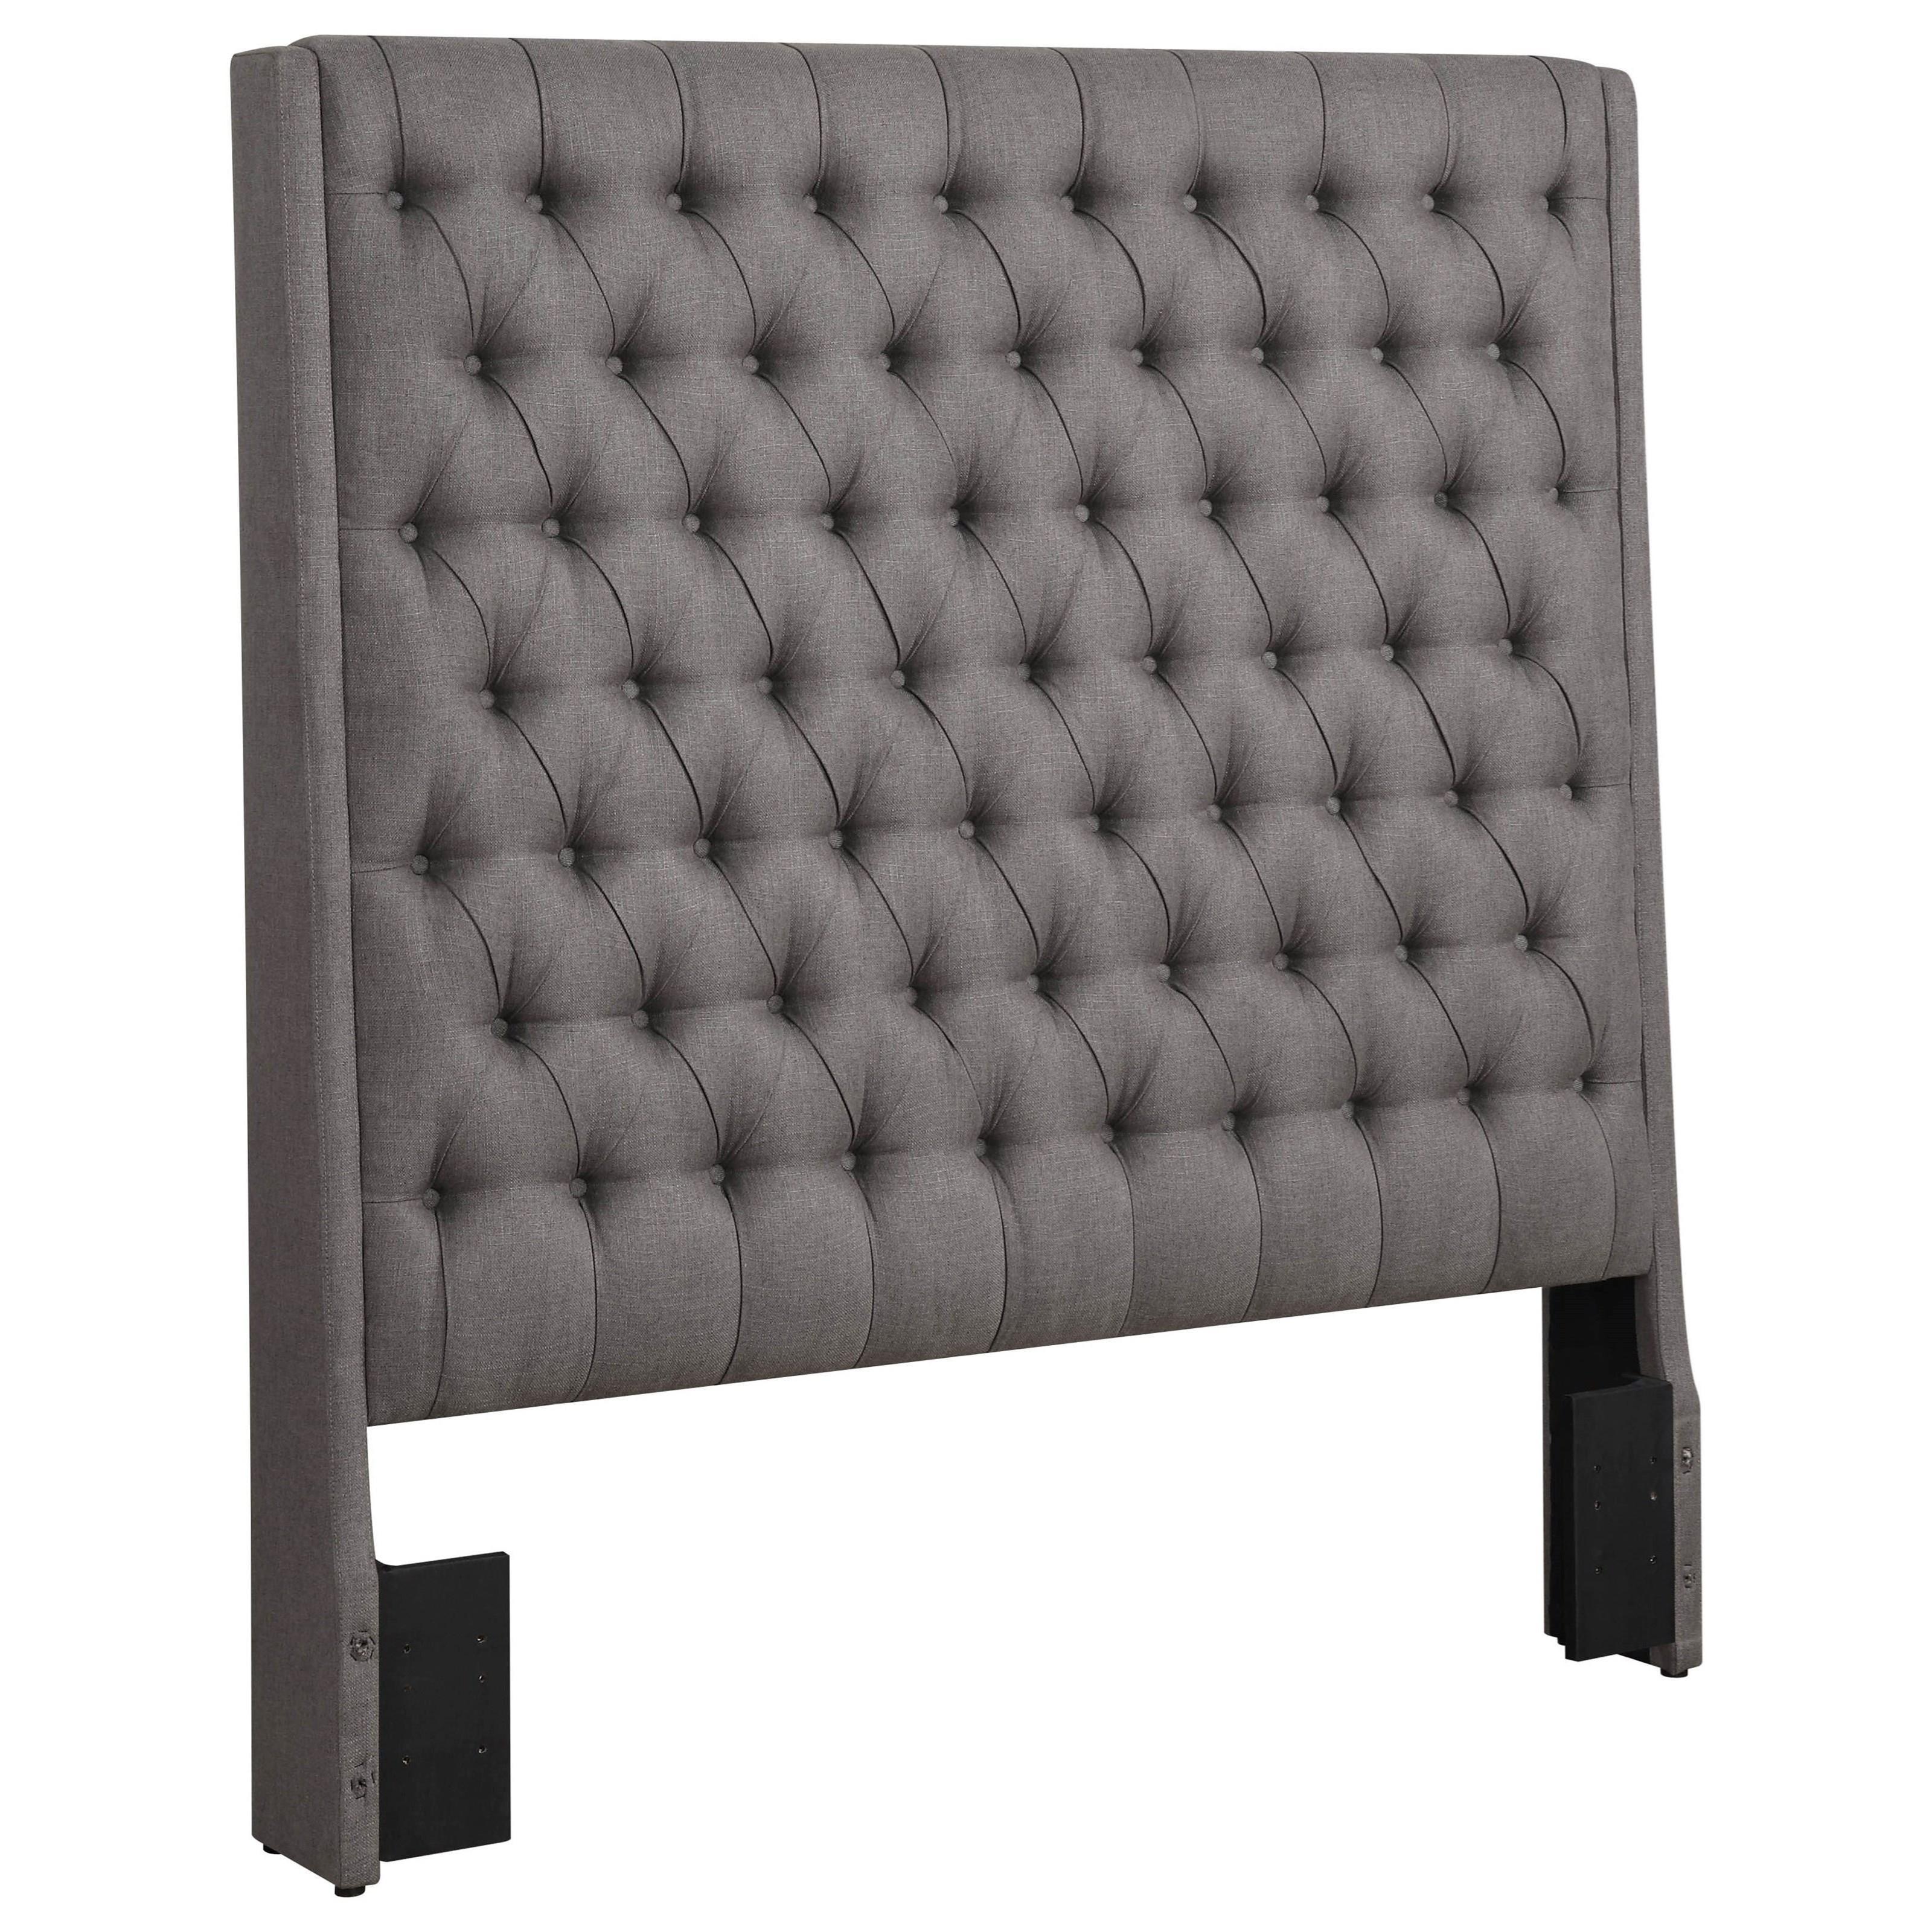 Coaster Upholstered Beds King Headboard - Item Number: 300621KEB1